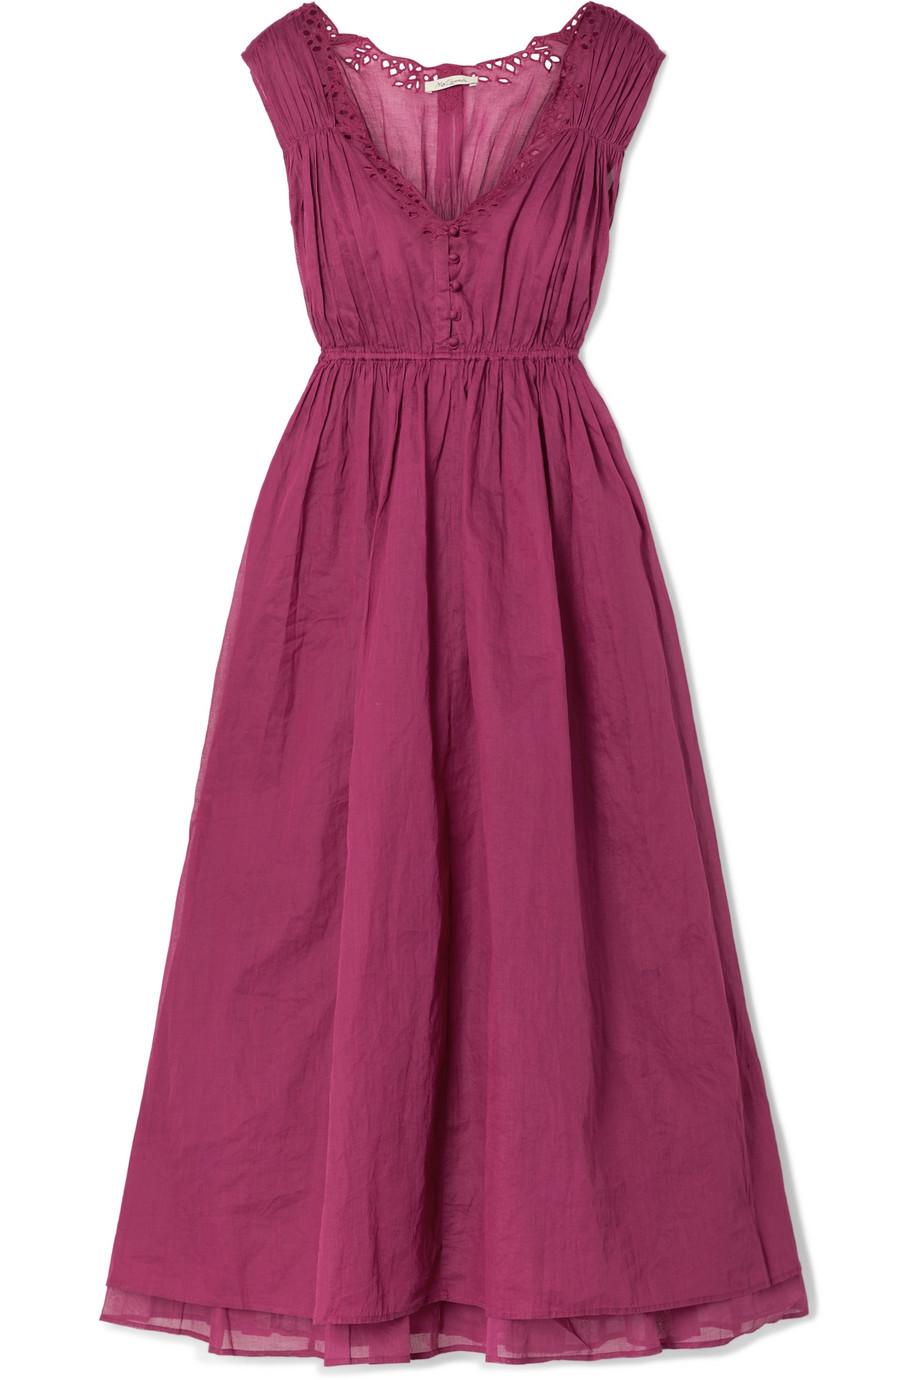 Mes Demoiselles Clothide broderie anglaise cotton-voile midi dress